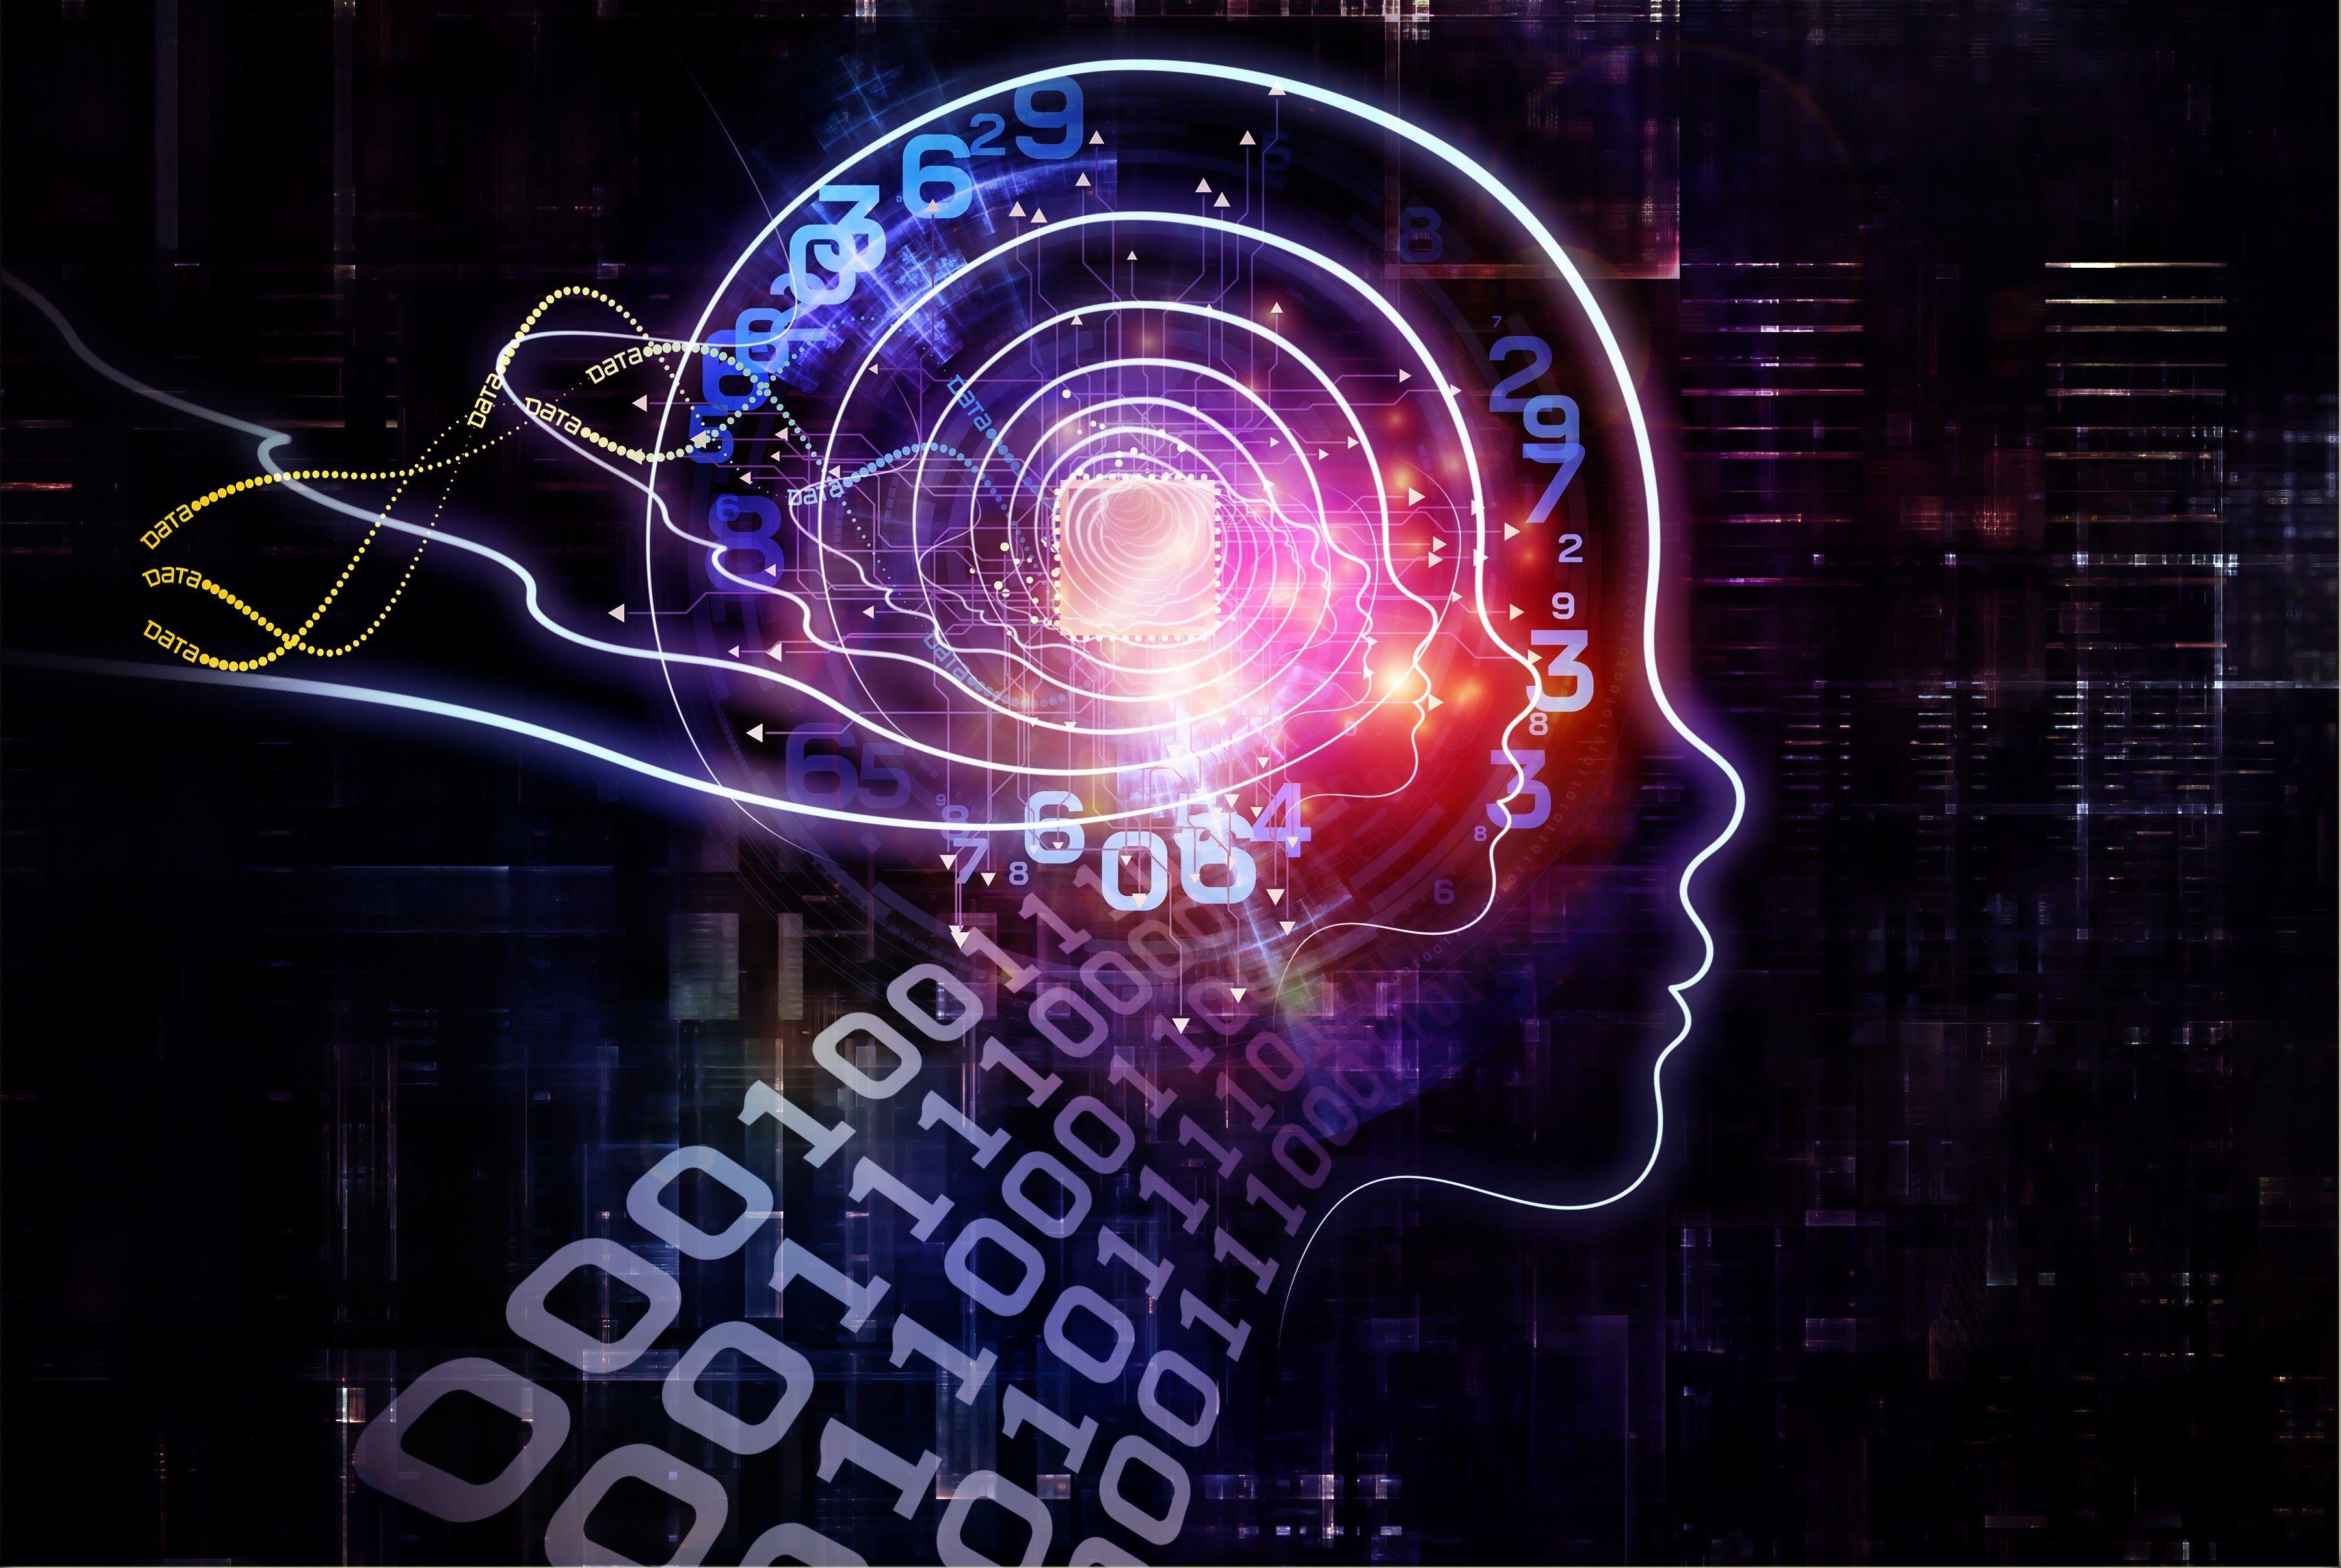 Google: Probablemente nunca podamos construir máquinas con consciencia